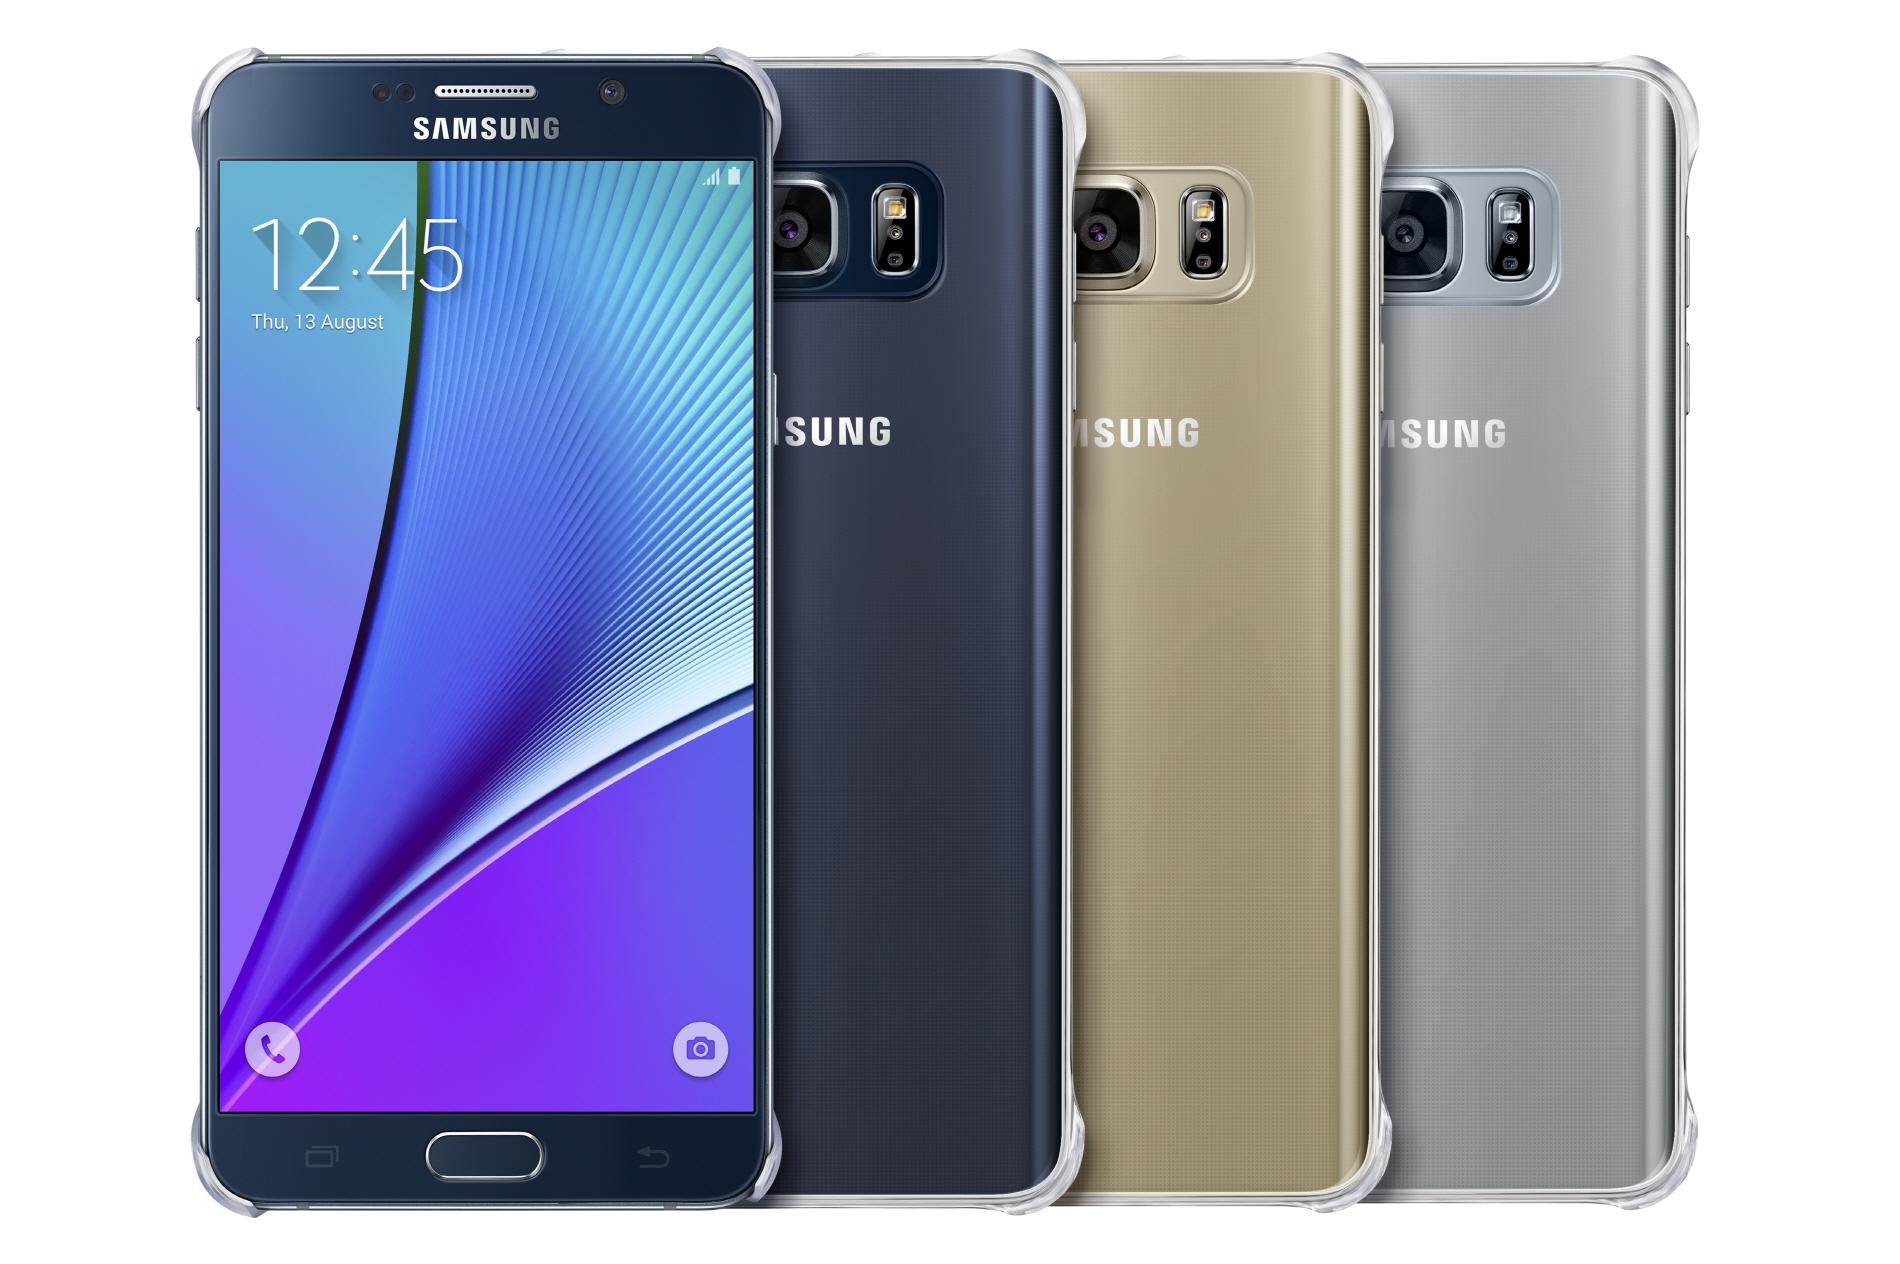 Il mio Samsung non viene ascoltato Come risolverlo? 1